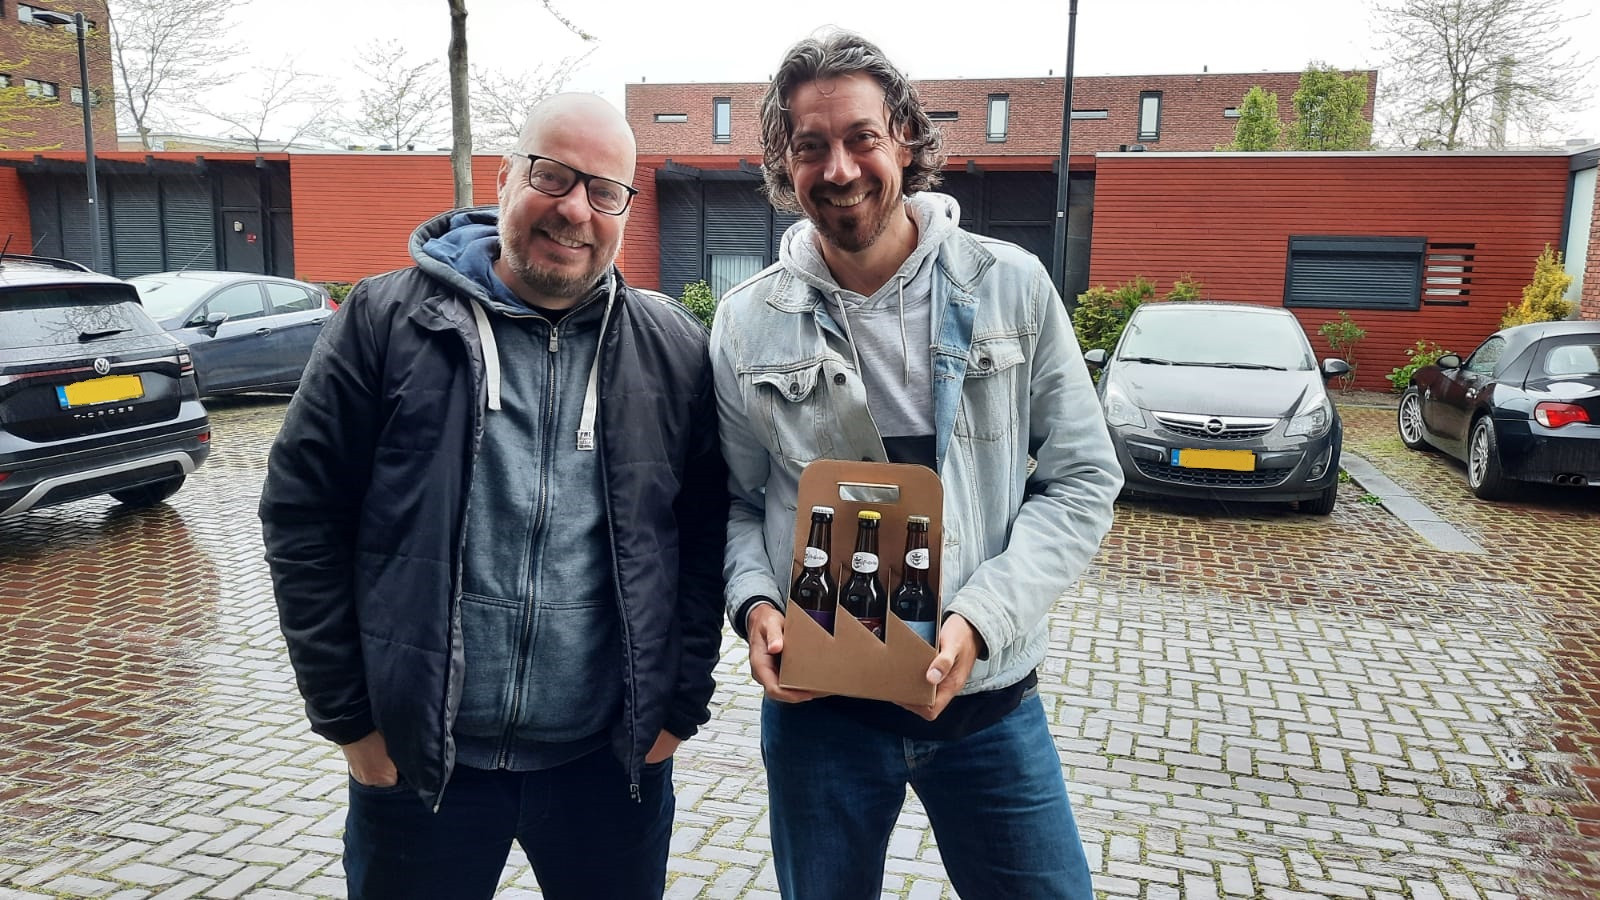 Laurens Ubert en Boudewijn Goossens maken deze zaterdag een tocht door Nederland om bier af te leveren